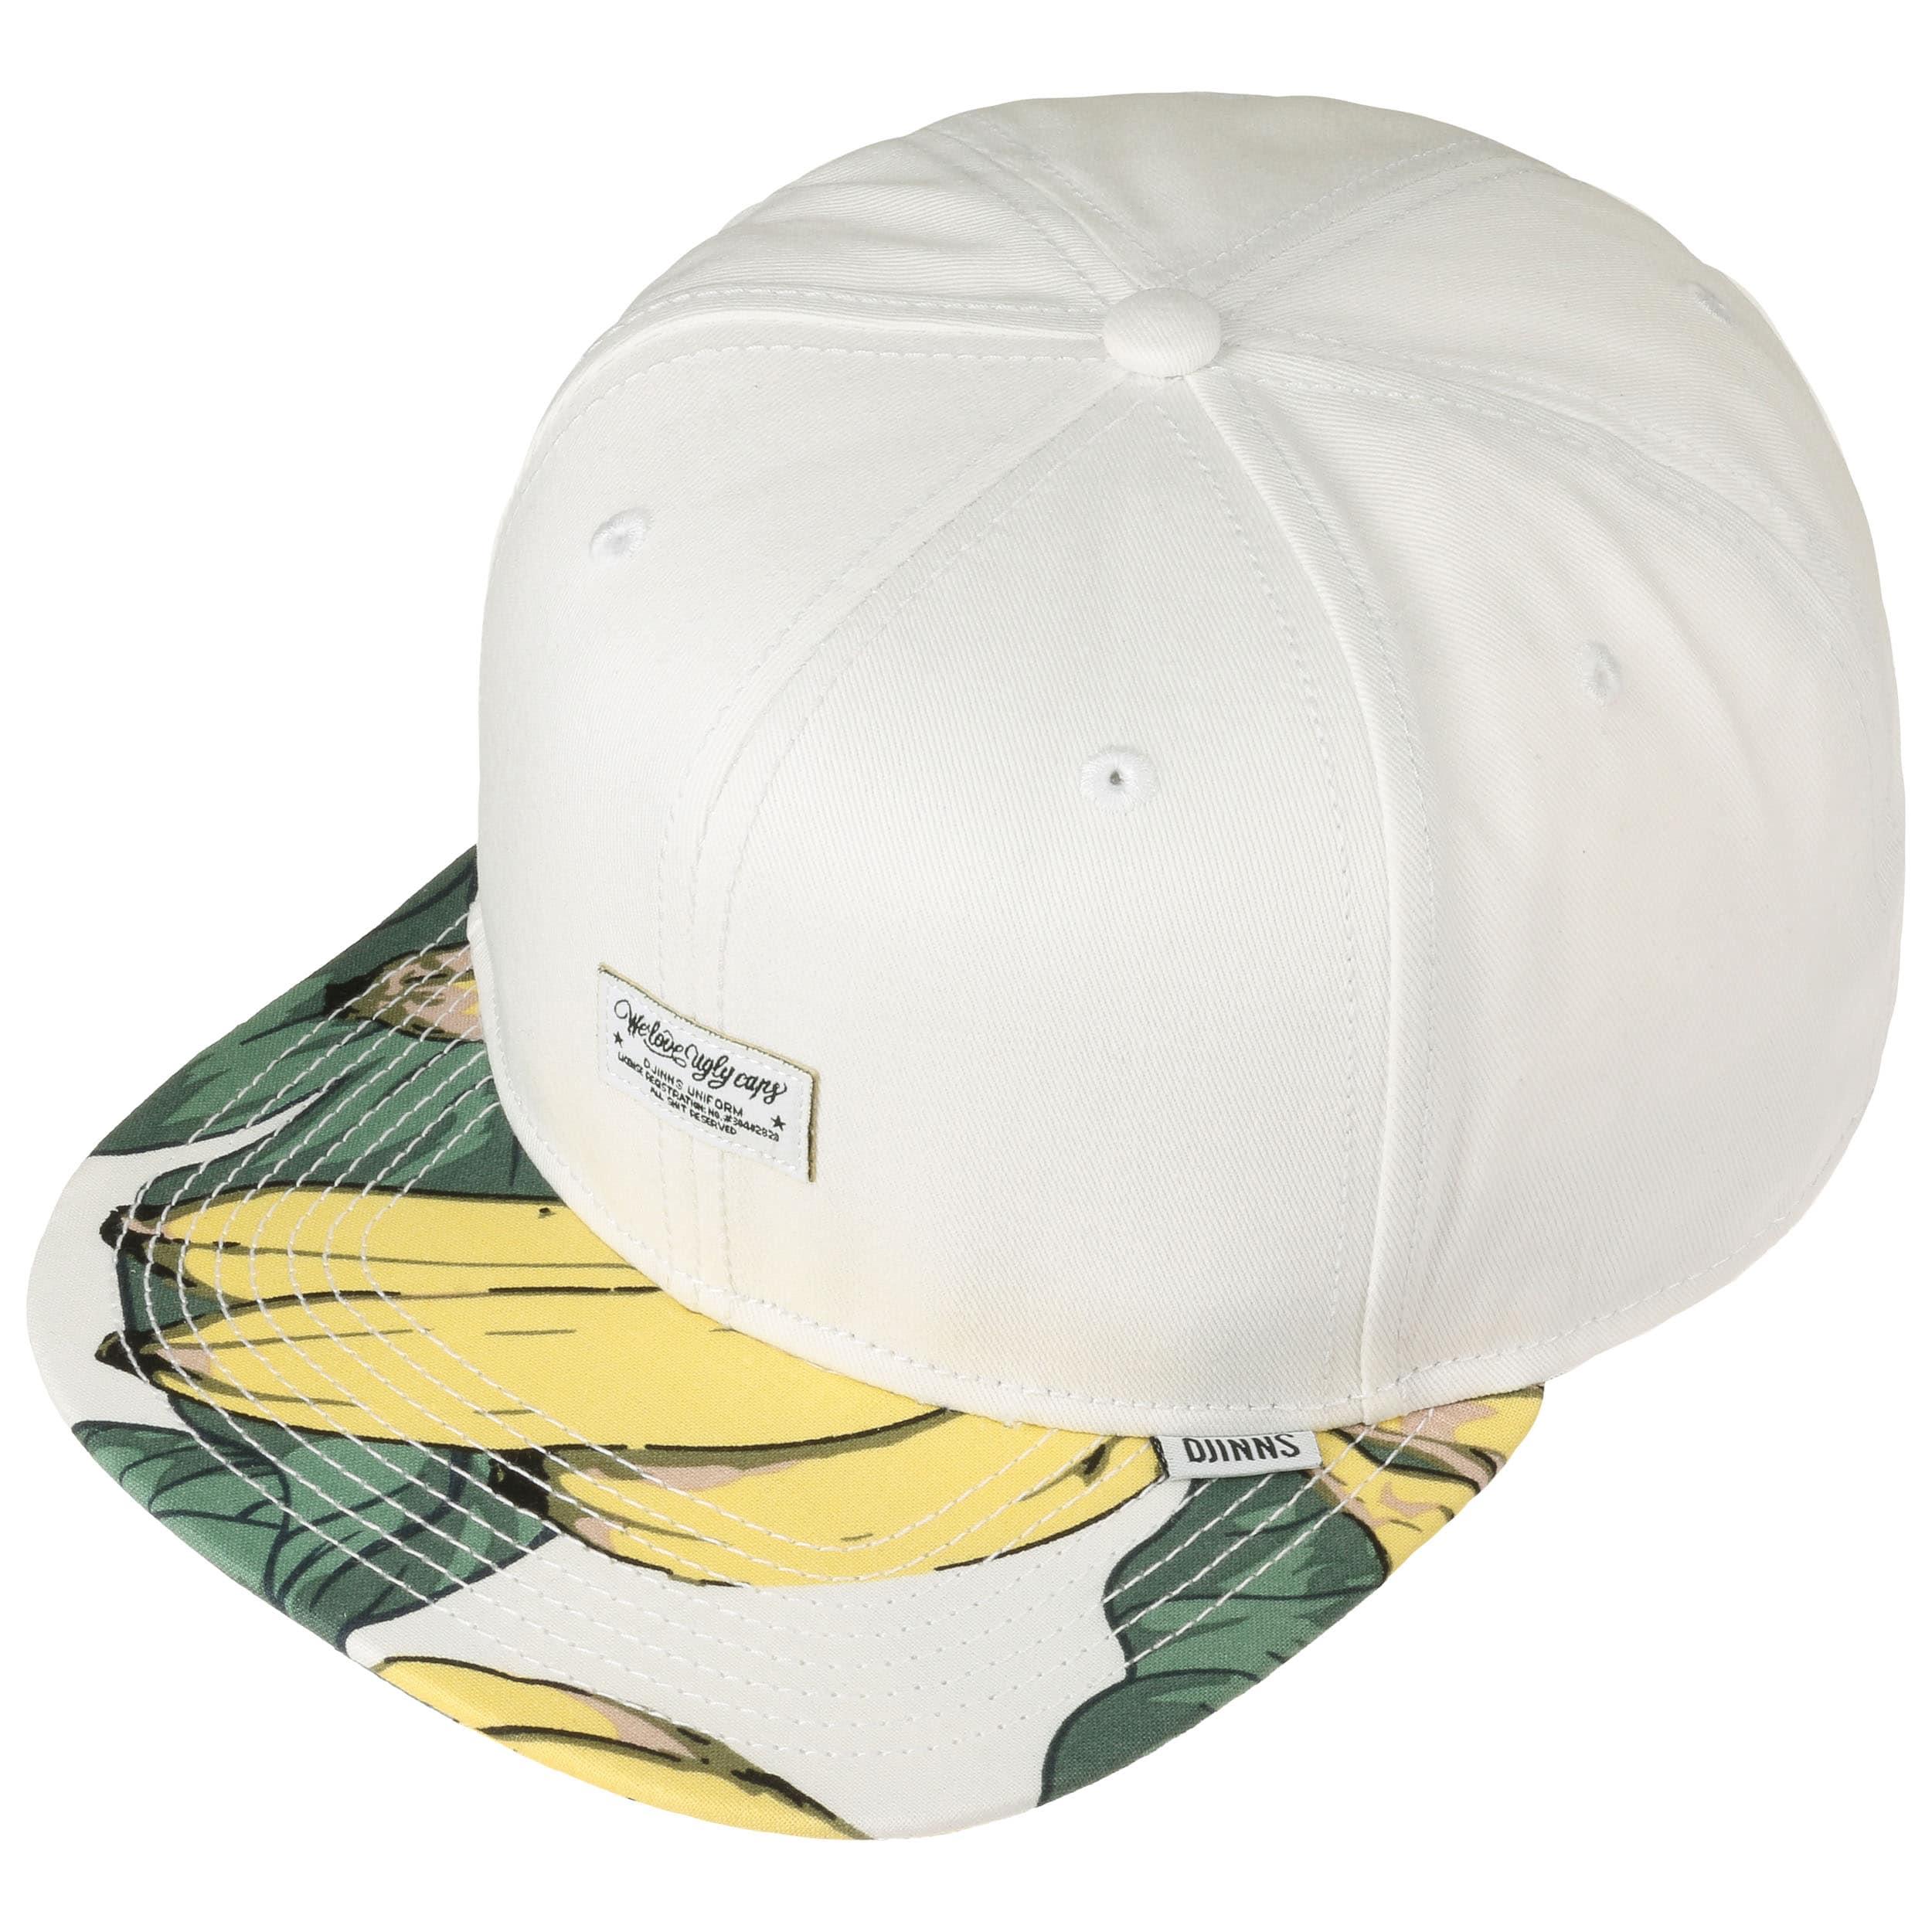 6P Reverse Banana Snapback Cap by Djinns - white 1 ... fb0d555731c